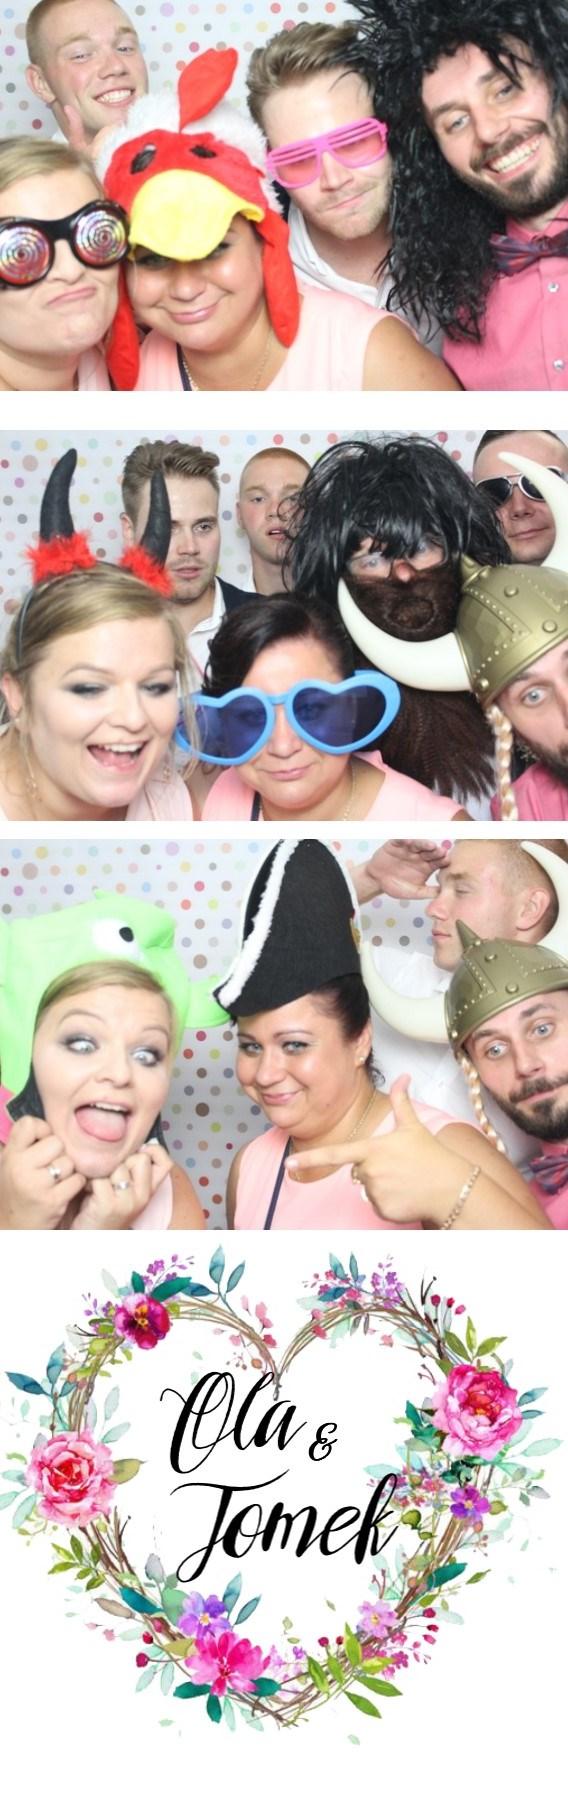 wydruk zdjęcia - fotobudka na wesele